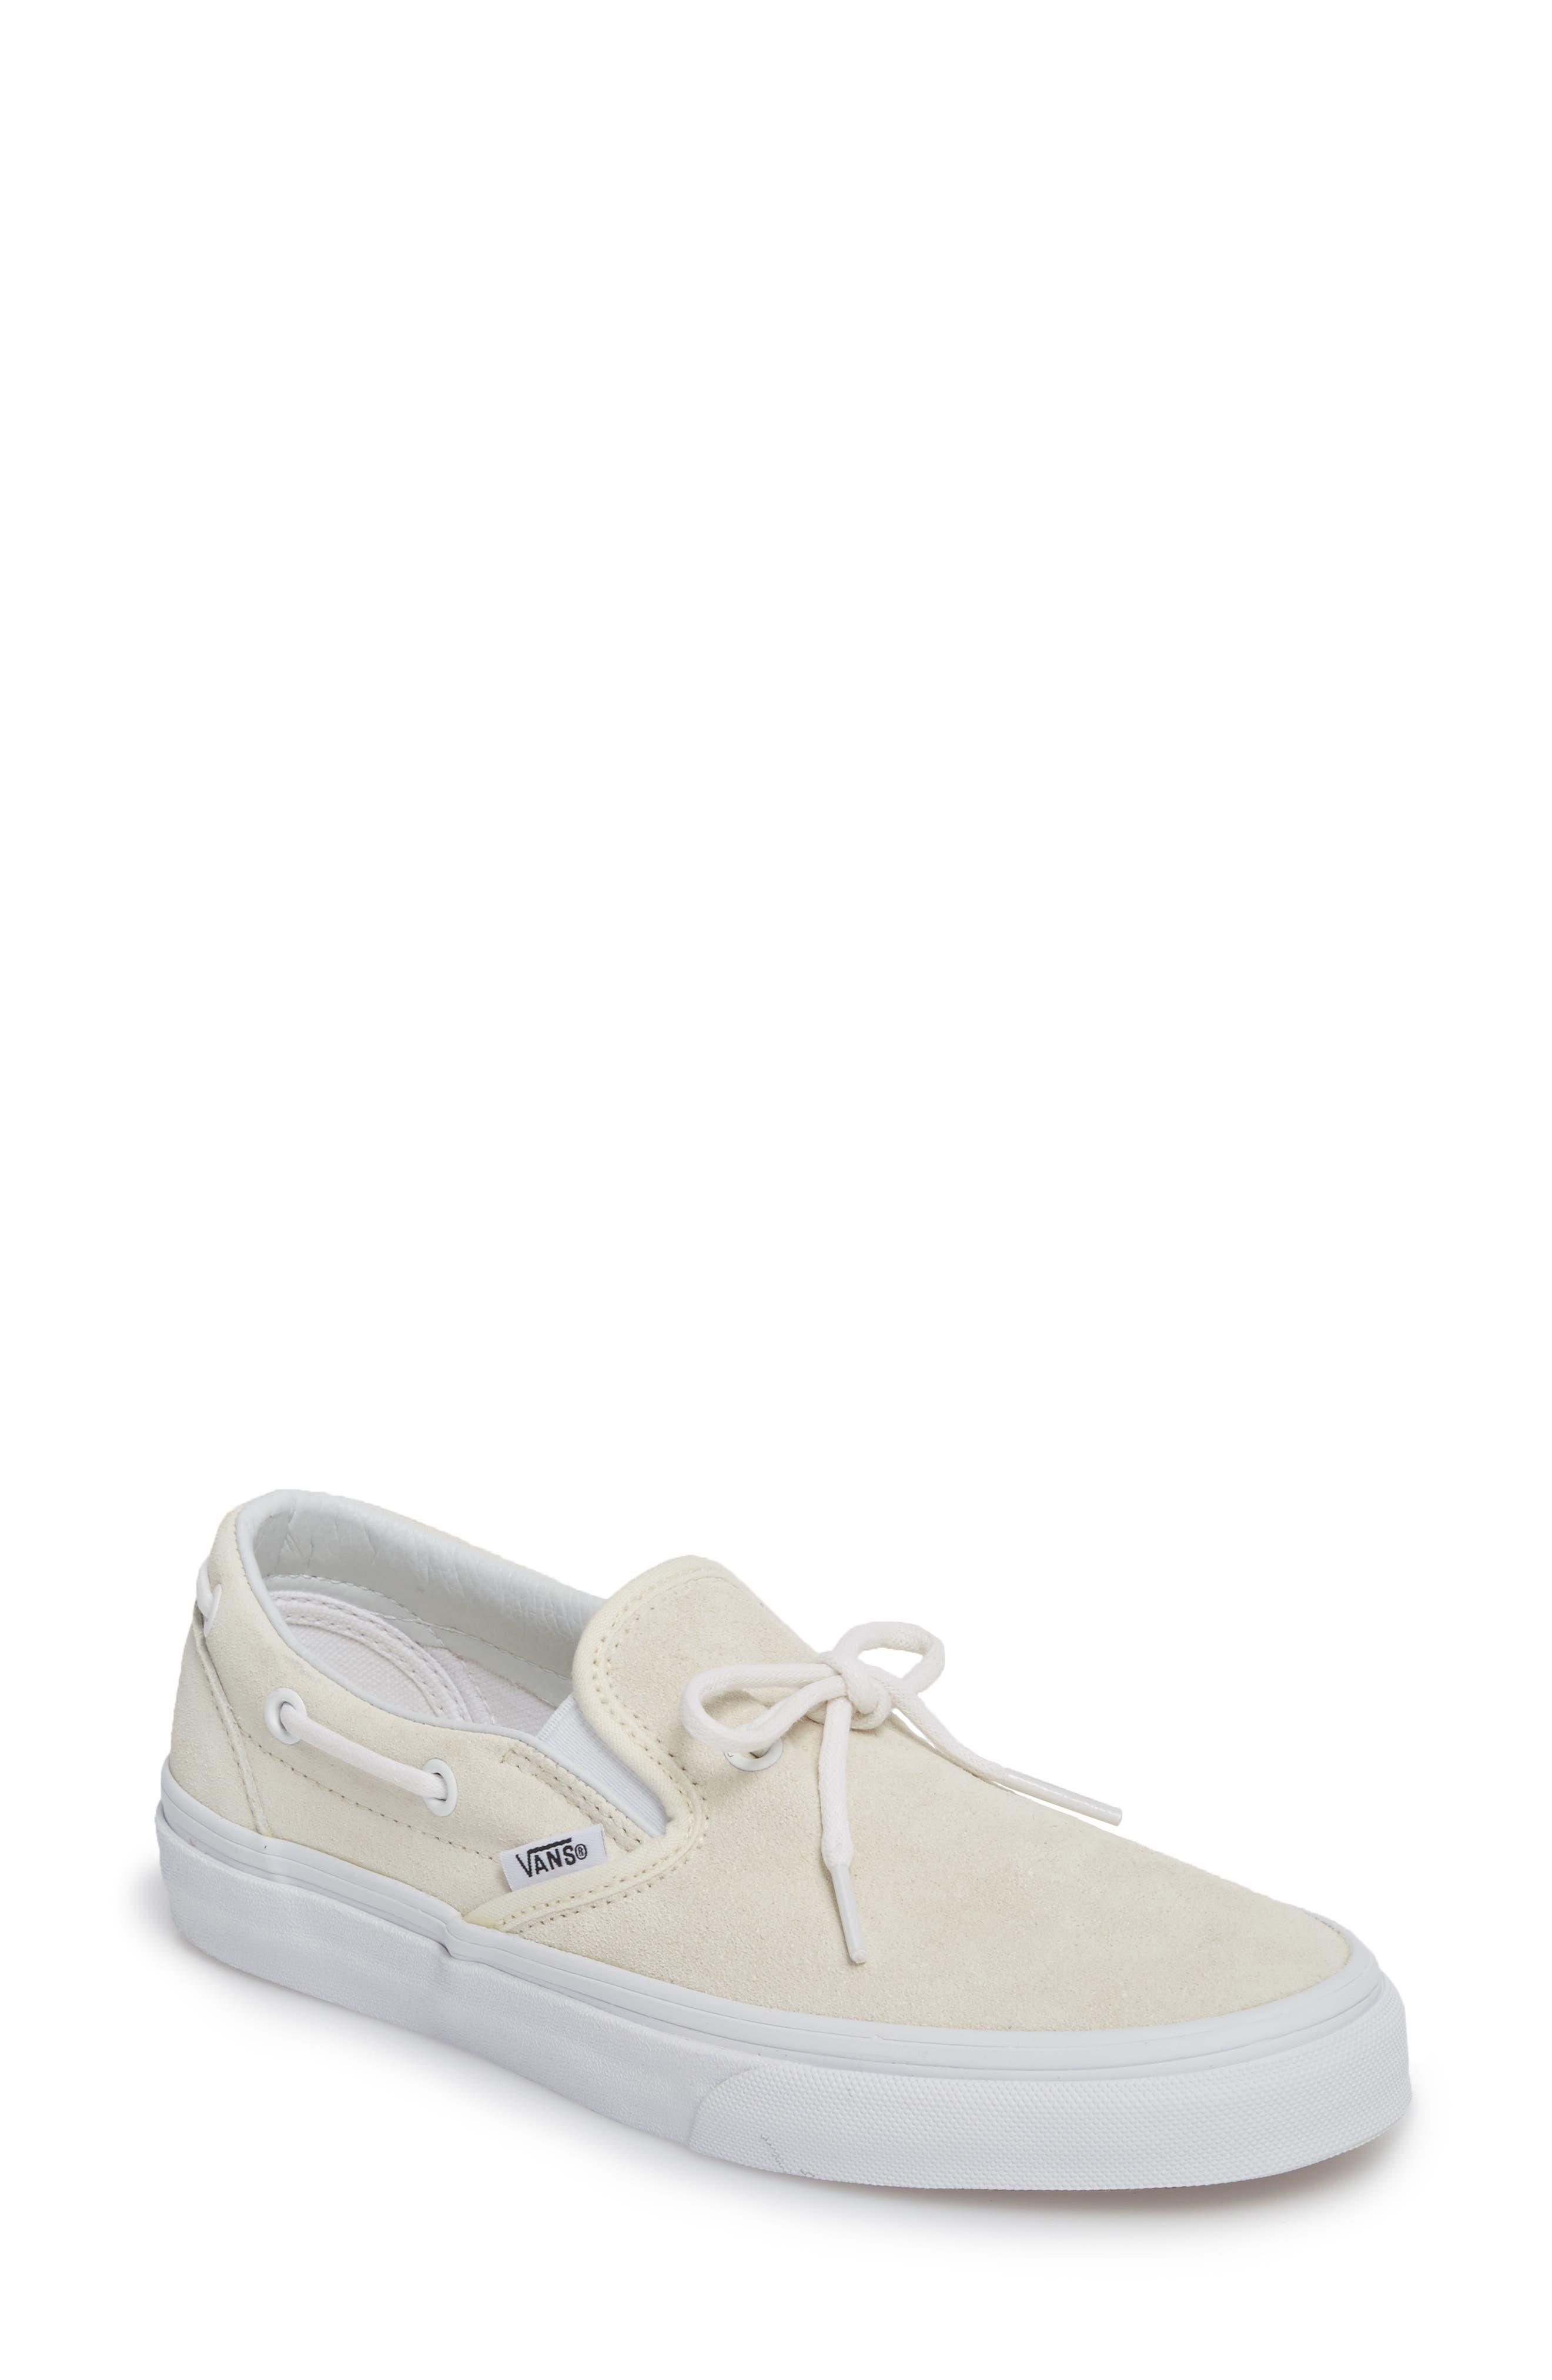 Vans UA Lacey 72 Slip-On Boat Sneaker (Women)